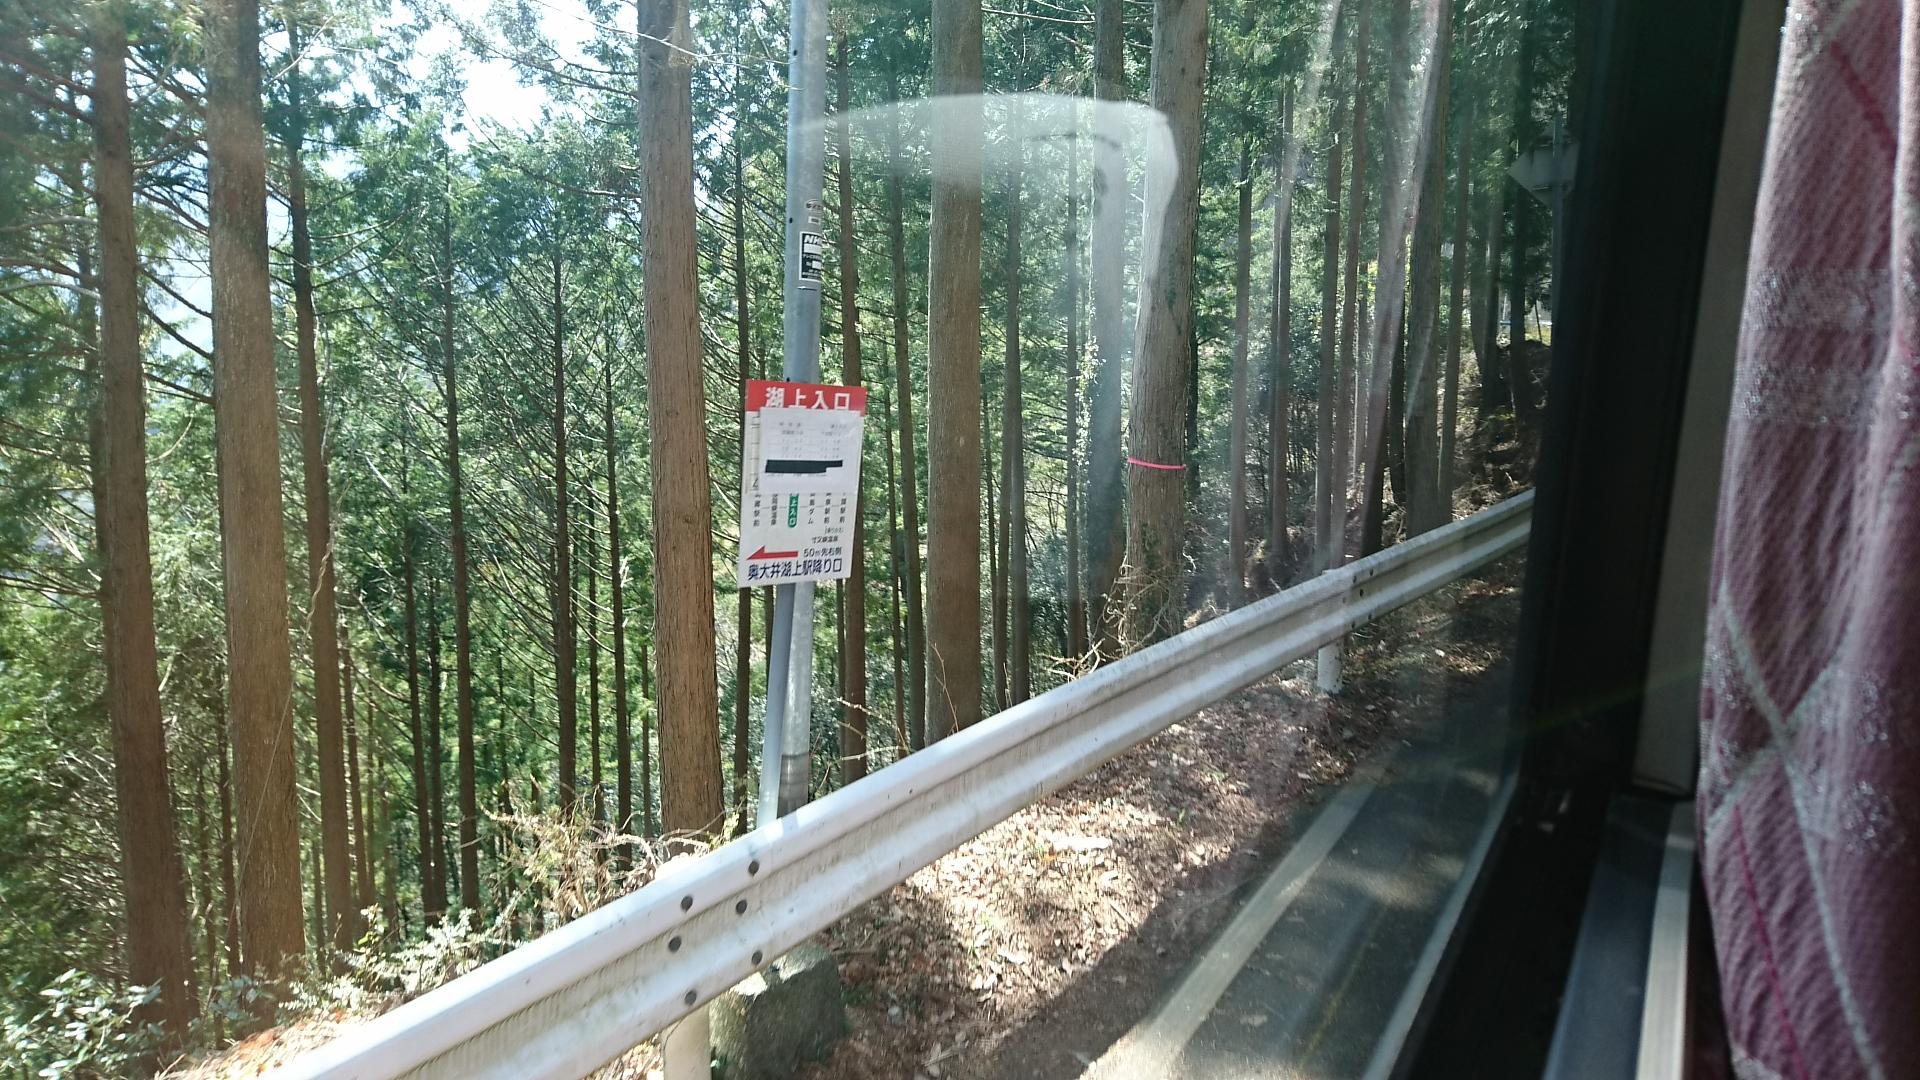 2018.3.28 かえり (15) 千頭いきバス - 湖上入口バス停 1920-1080